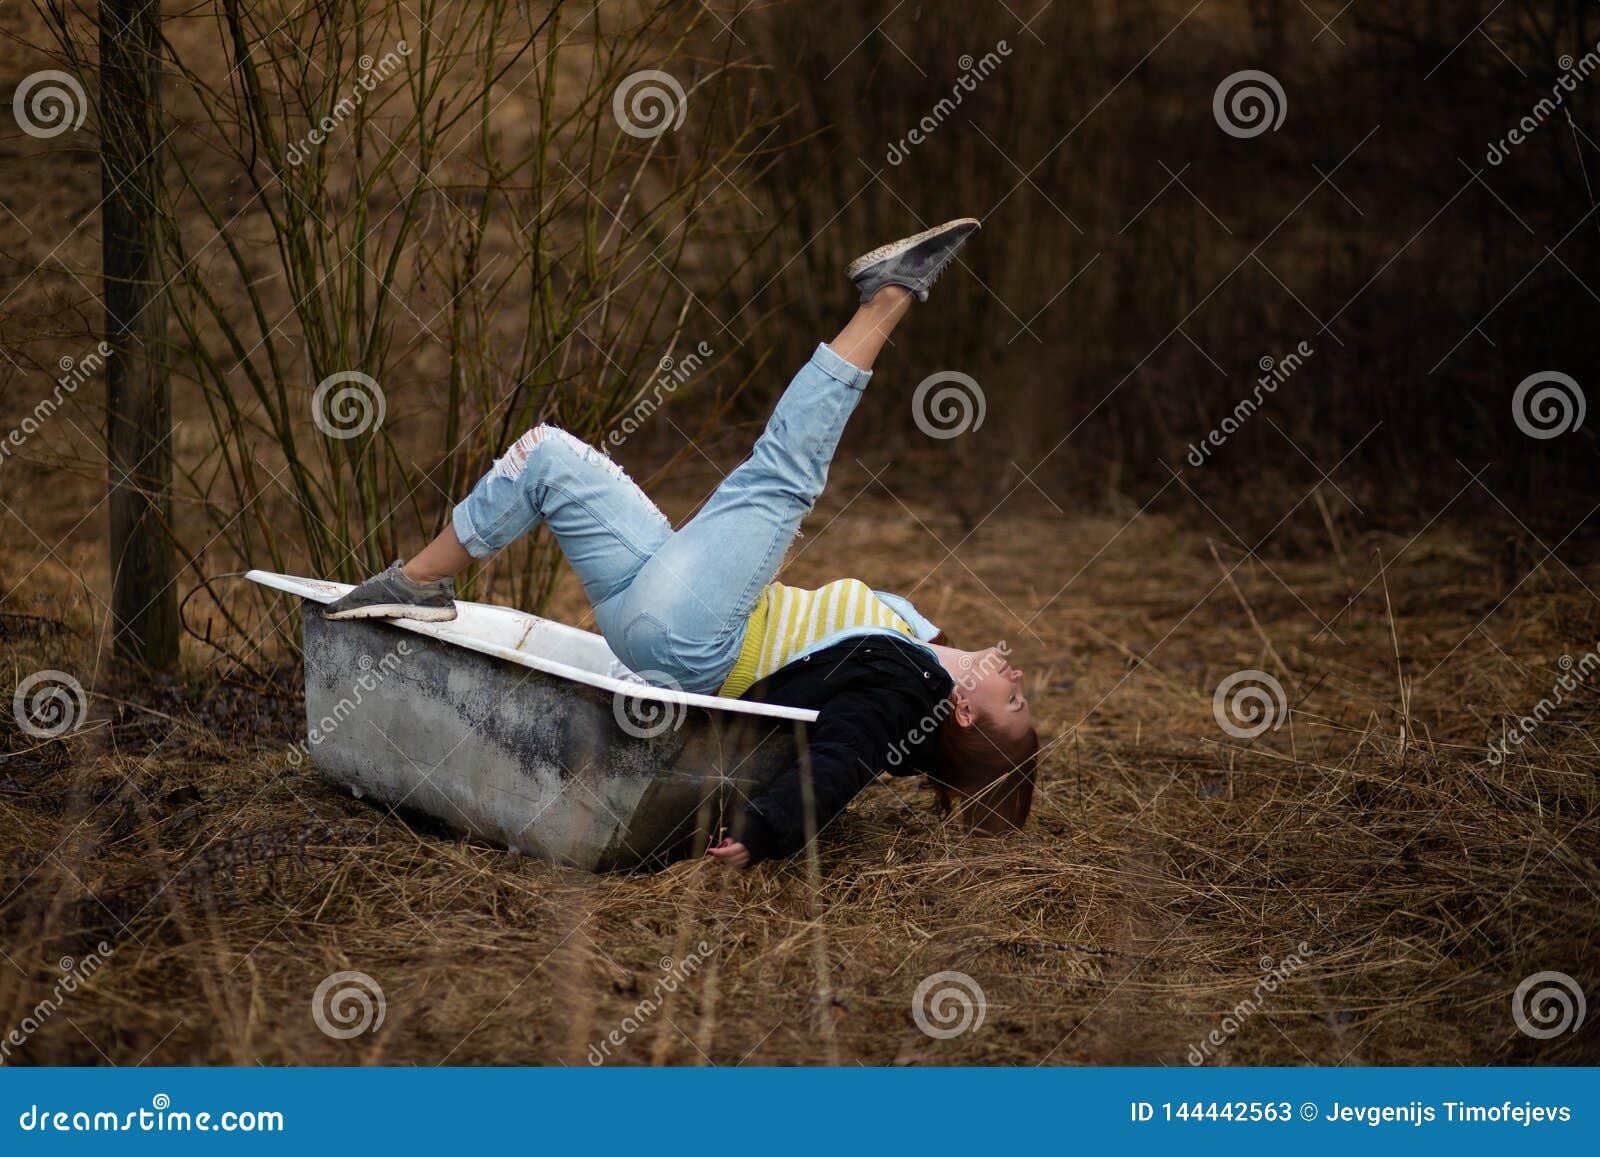 La jeune femme dans des vêtements prend un vieux bain vide au milieu d une forêt